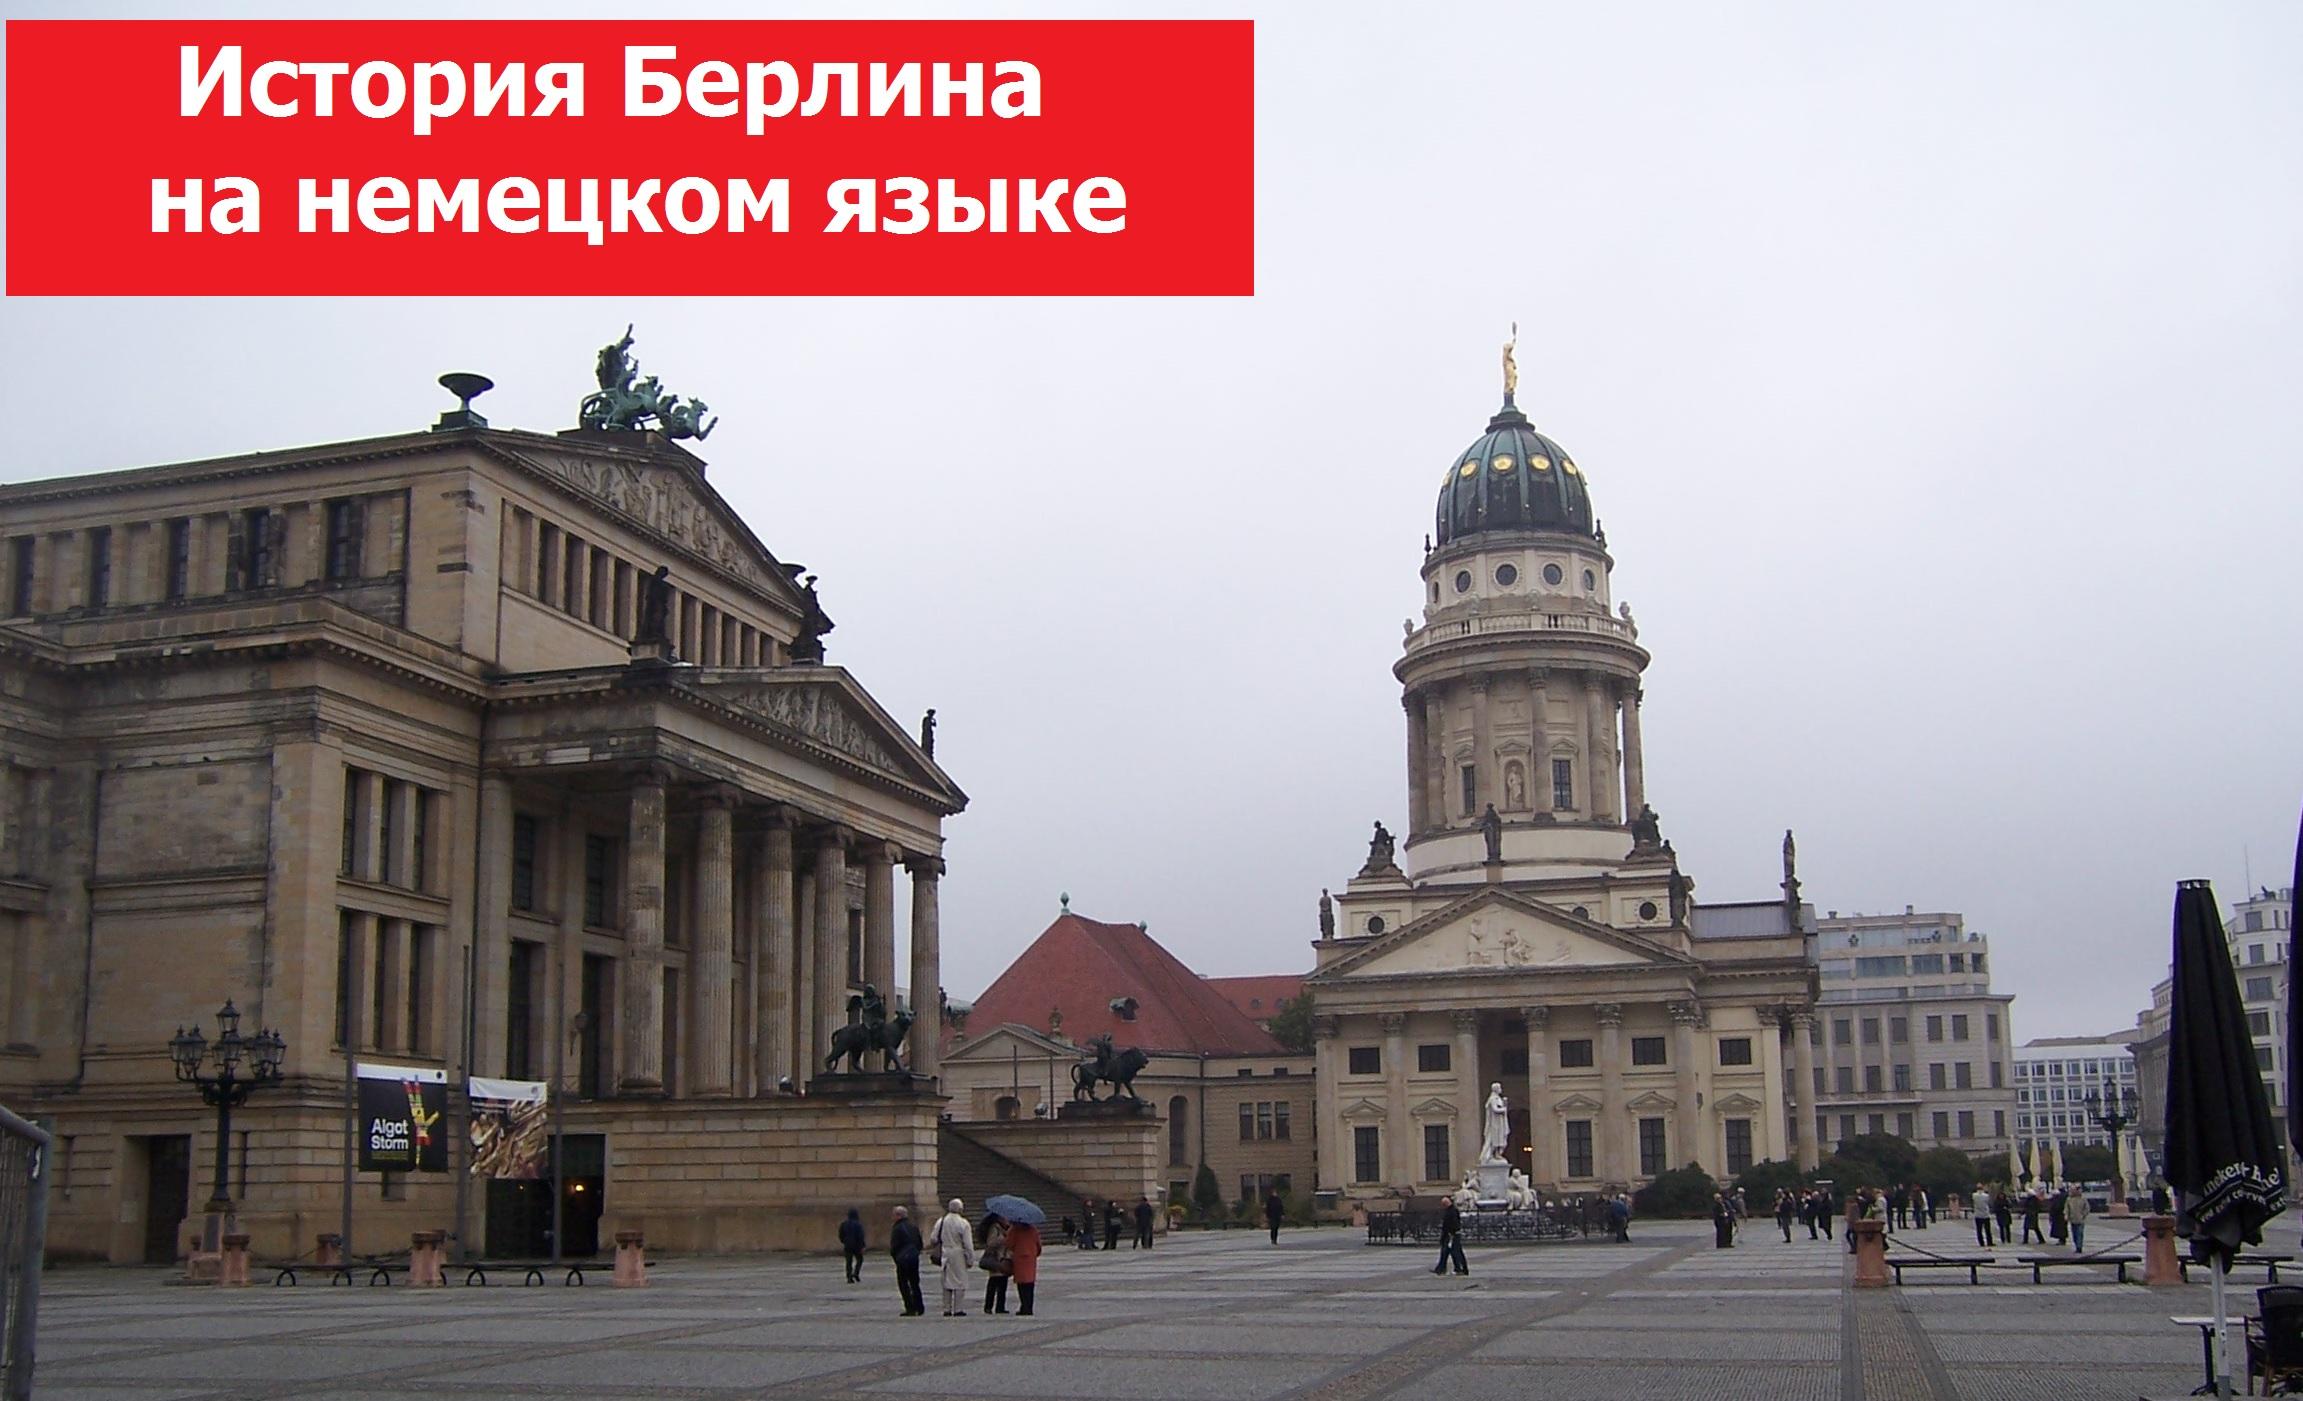 Берлин. История города. Аудиогид на немецком языке